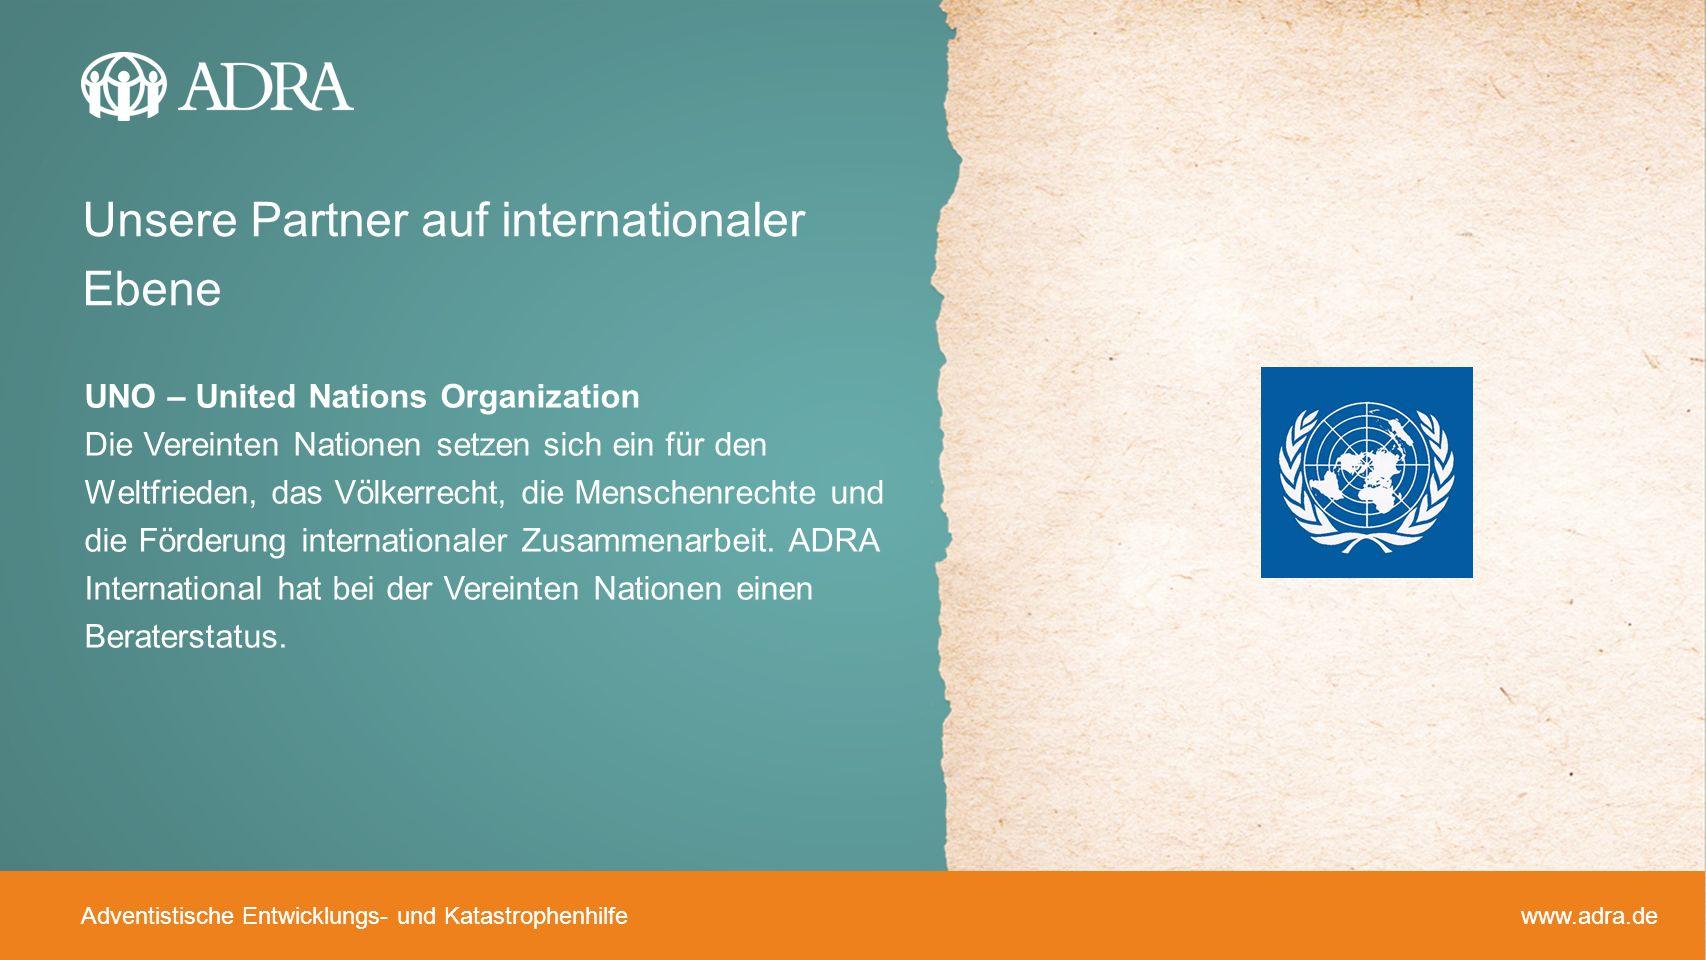 Unsere Partner auf internationaler Ebene